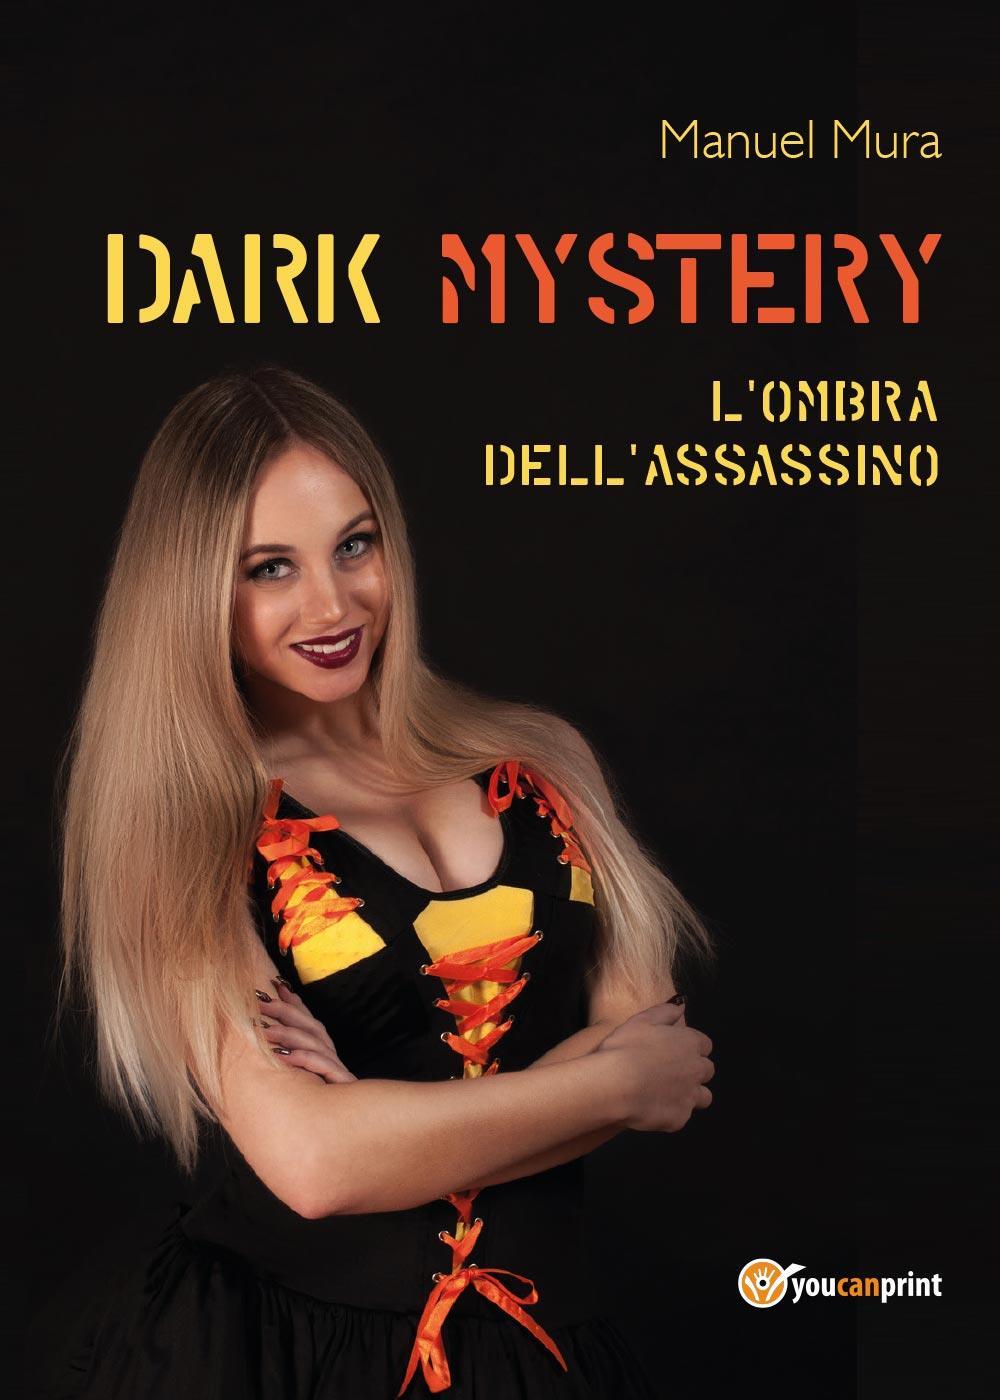 Dark Mystery - L'ombra dell'assassino